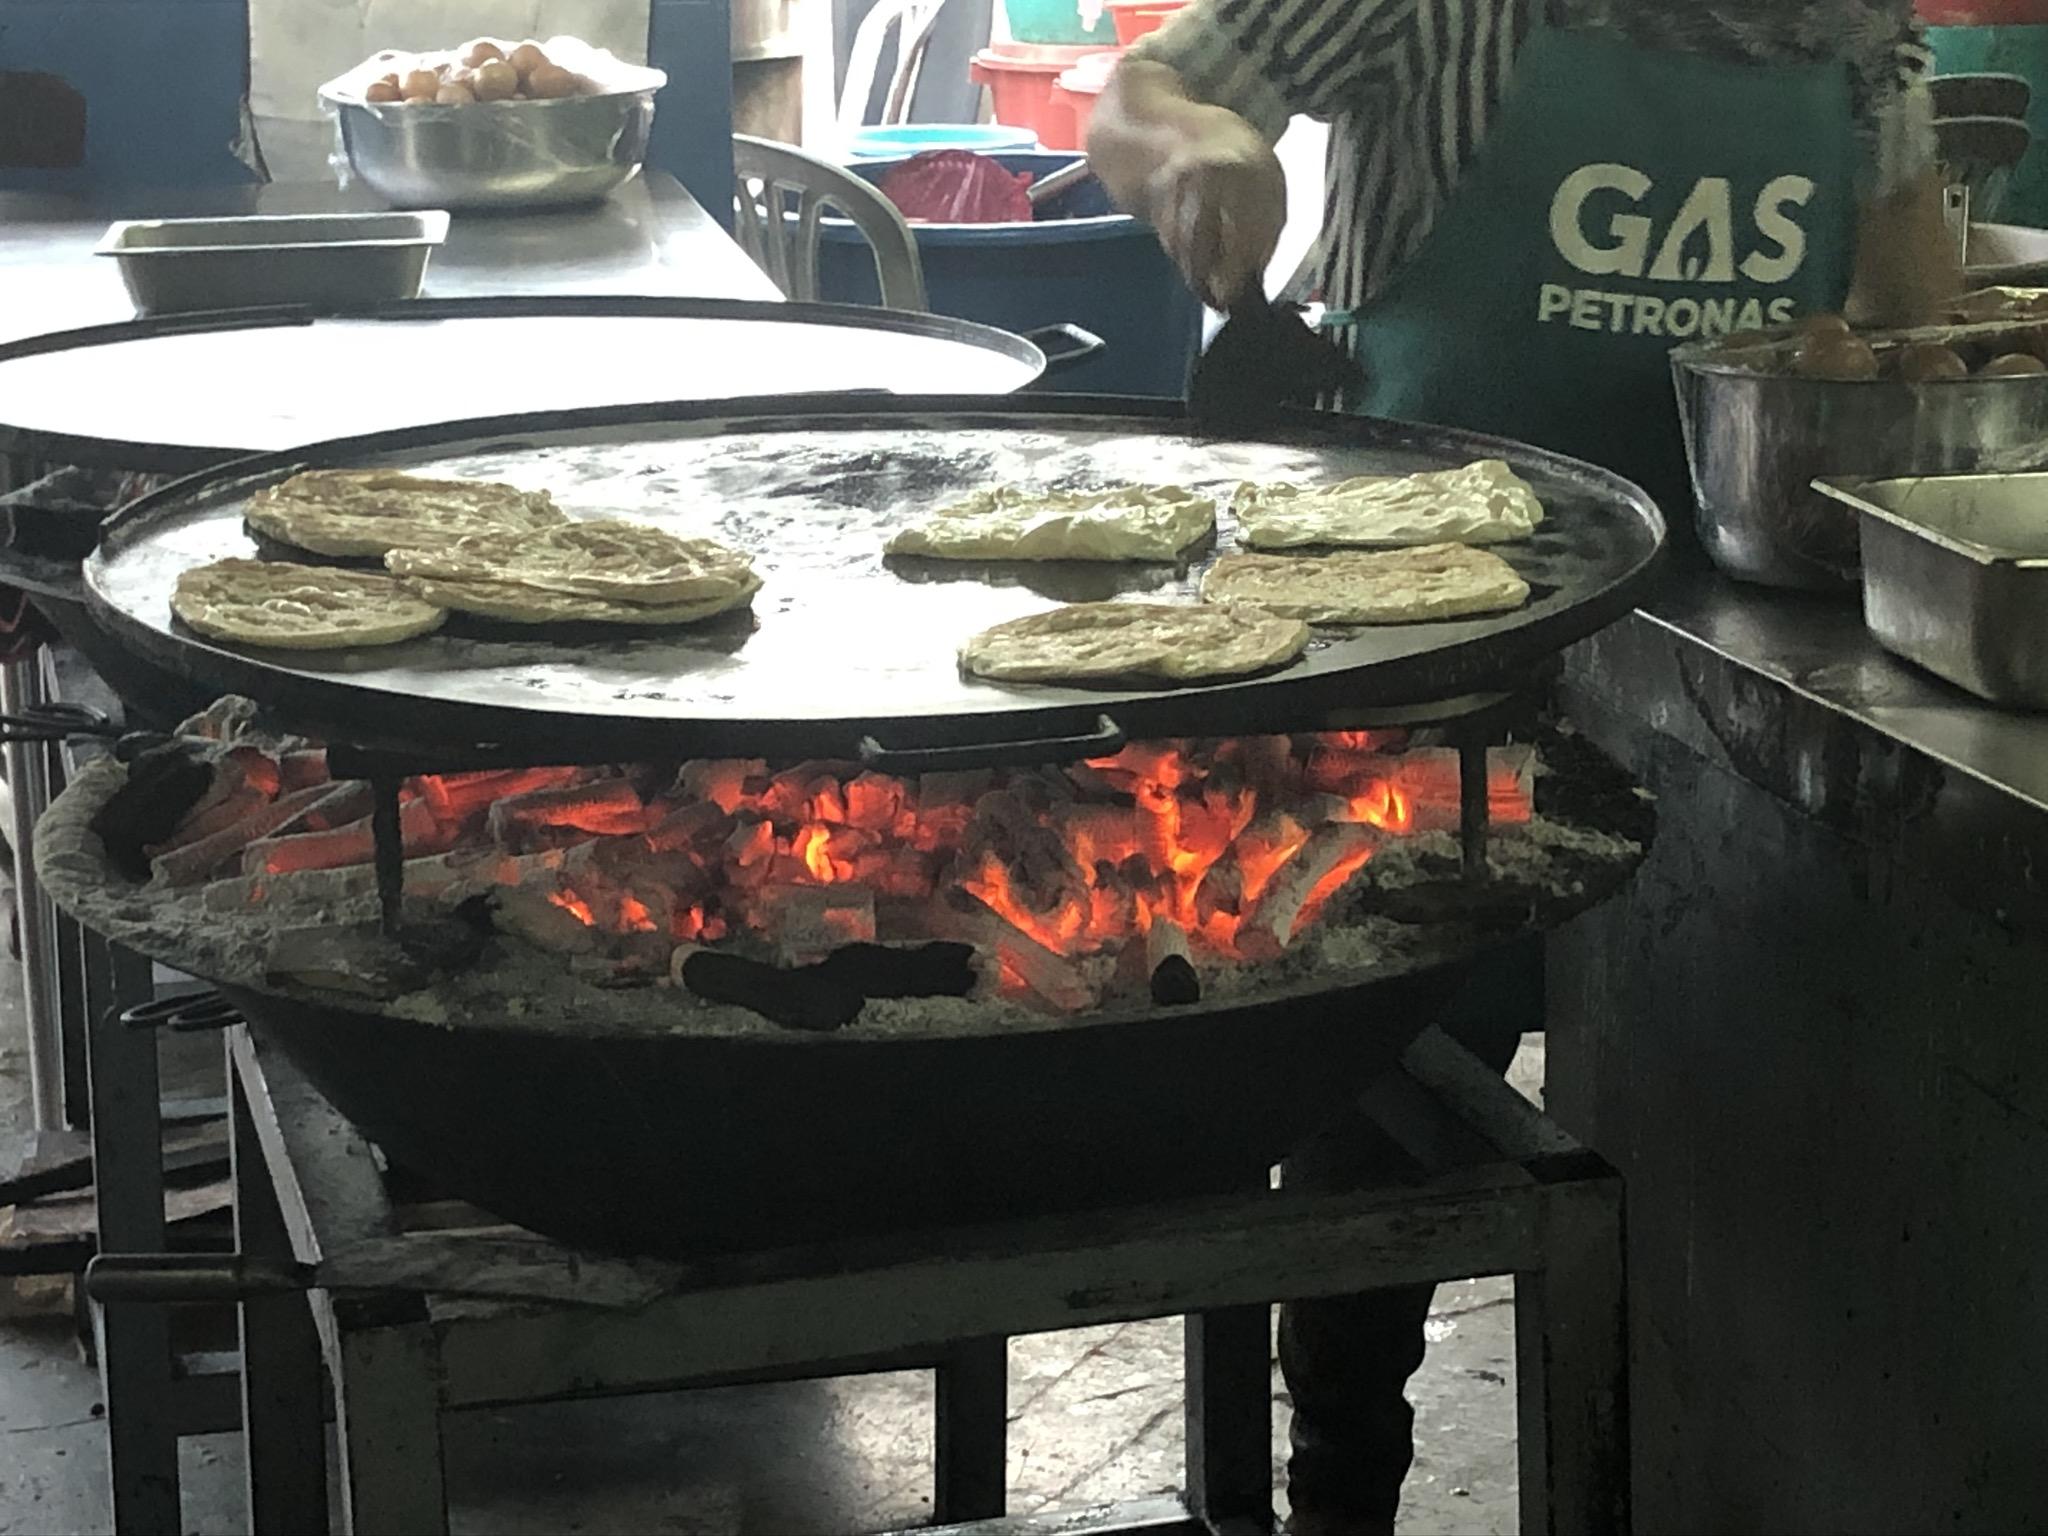 Roti Canai Kayu Arang Melaka. Seronok Berniaga Macam Ni.